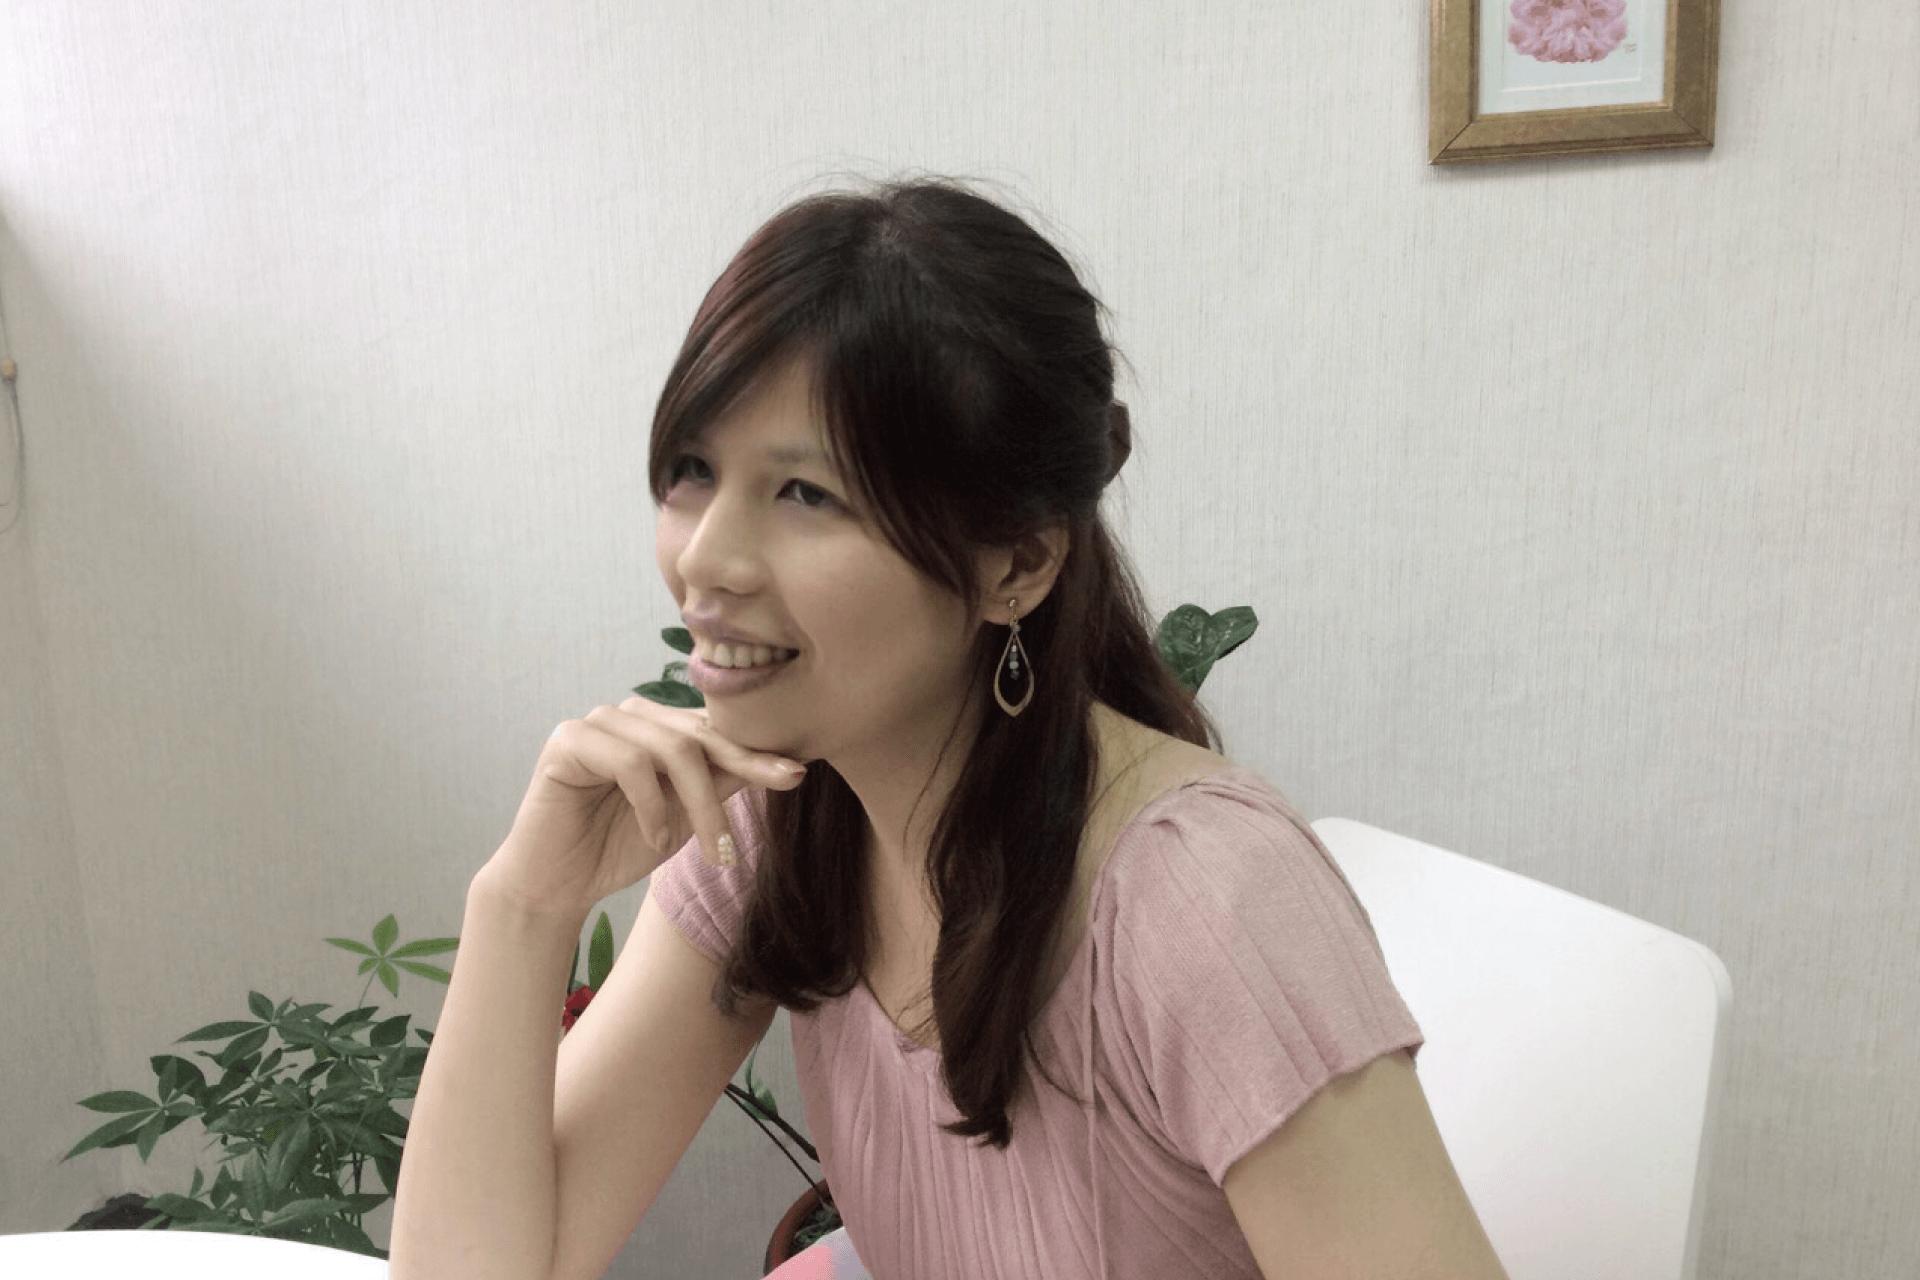 台灣女生談日本企業終身職:武田藥品張家嫺